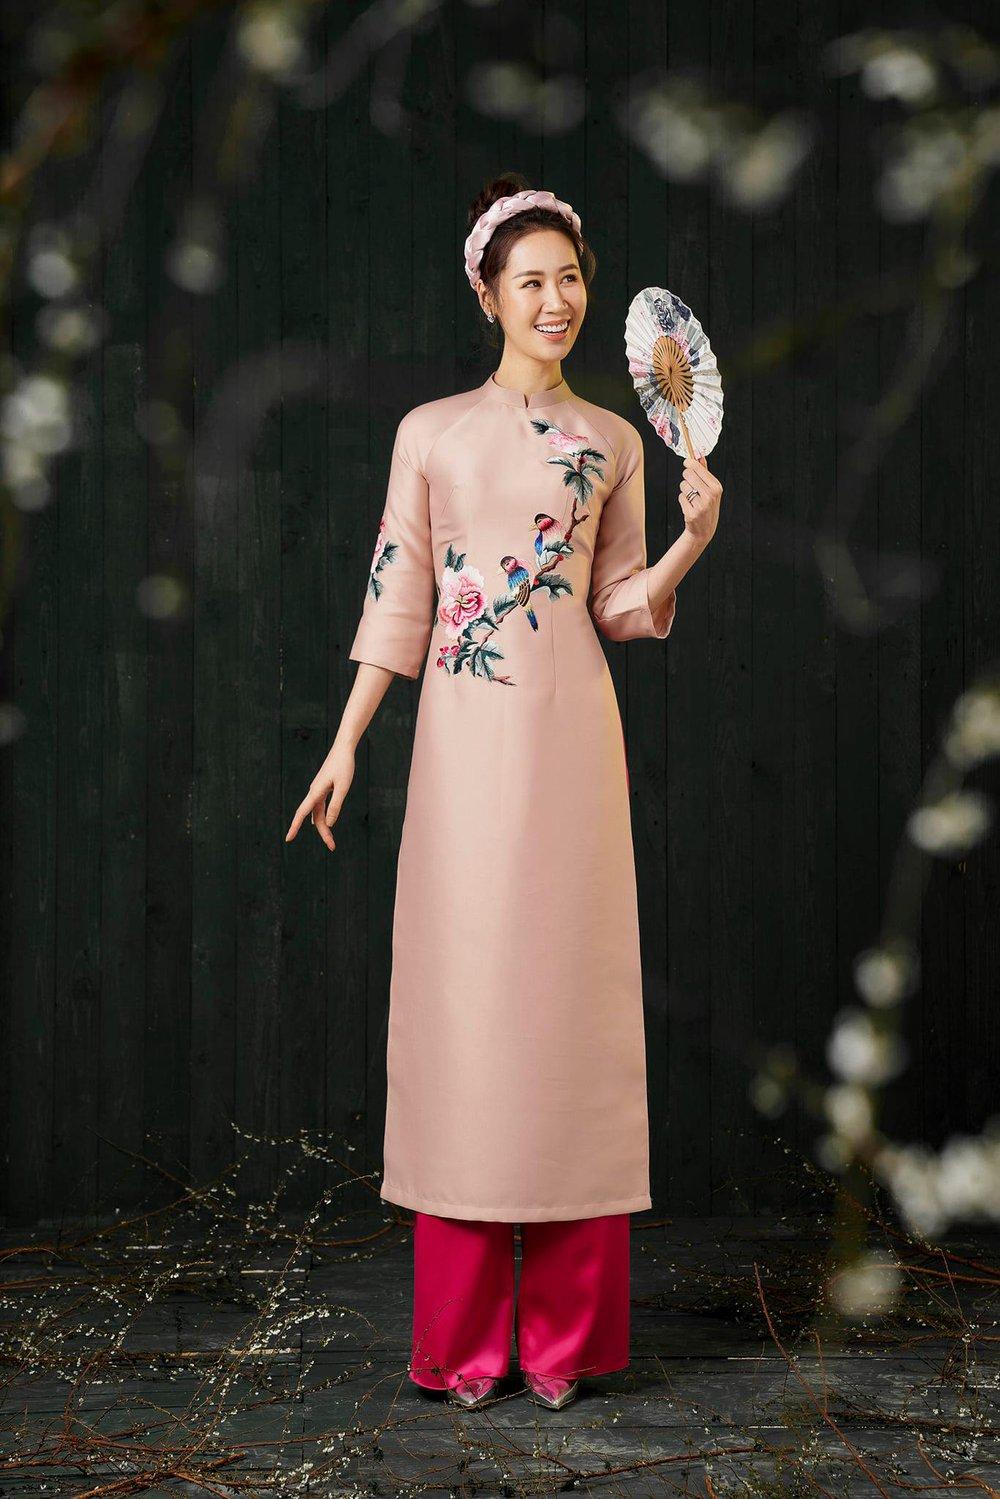 Hoa hậu Dương Thùy Linh duyên dáng với áo dài, khoe nhan sắc trẻ trung tuổi U40 - Ảnh 9.